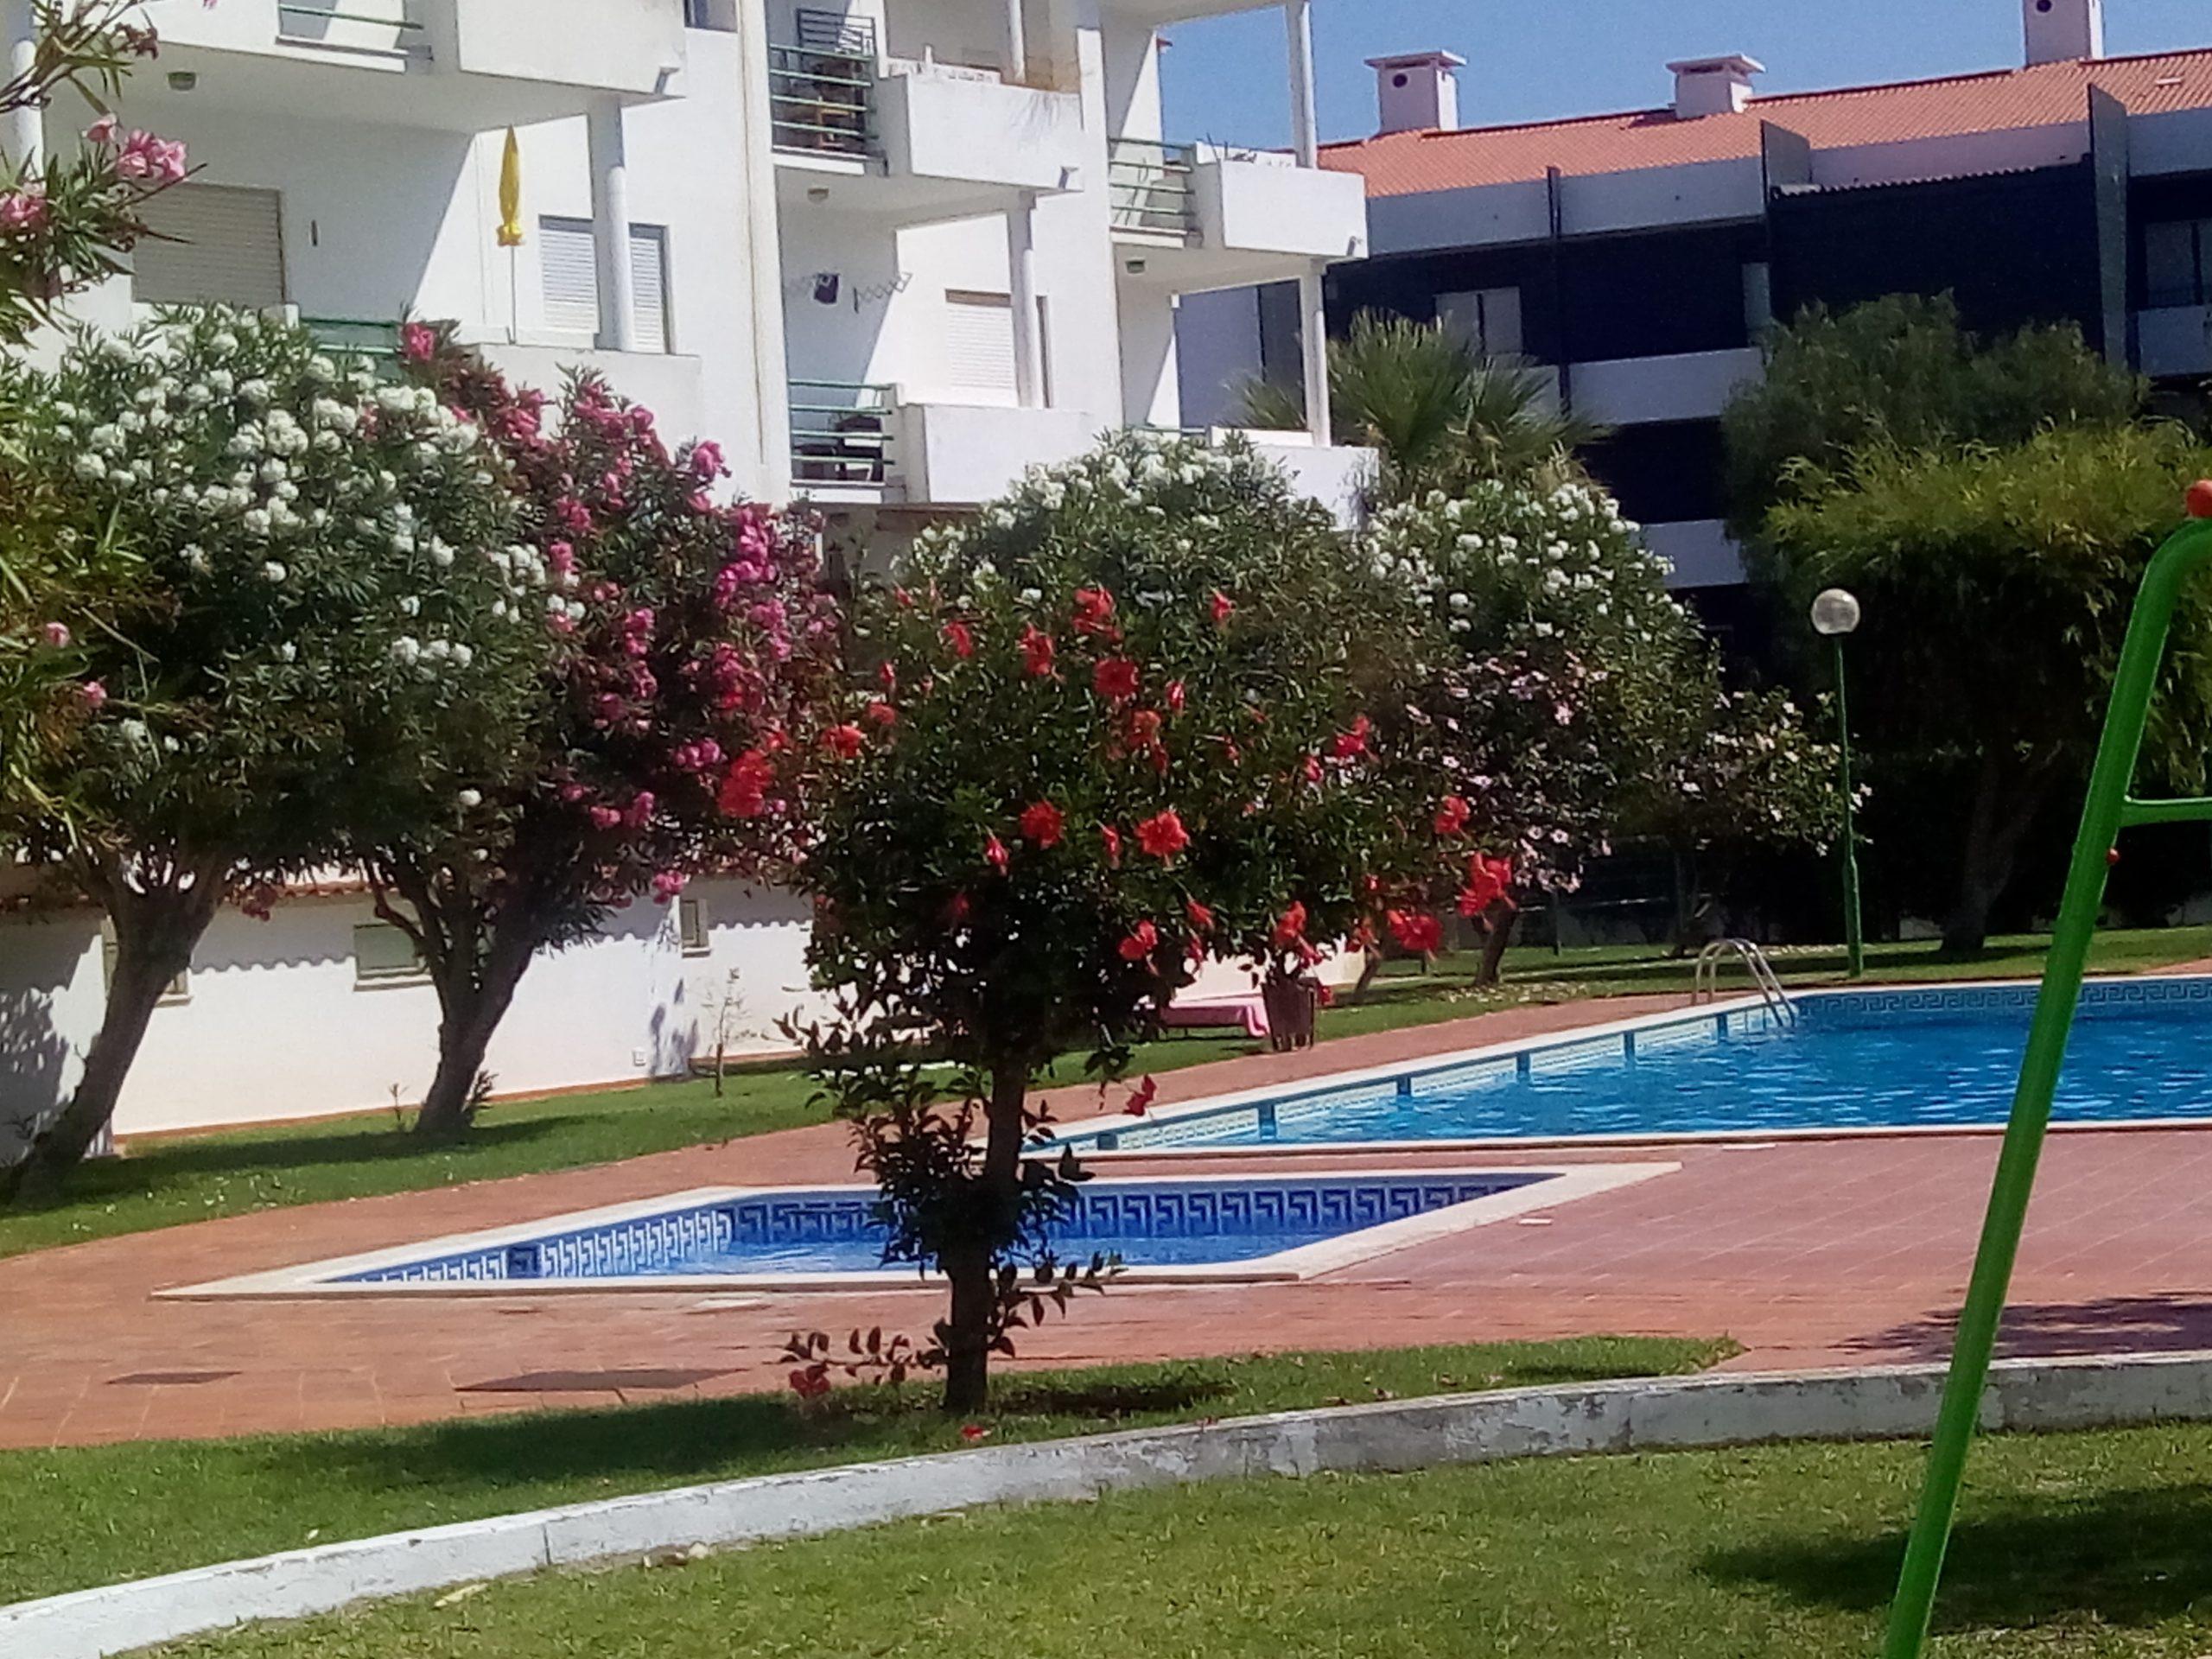 Holiday apartments and villas for rent, Apartamento 4 pessoas à beira mar com piscina Albufeira in Albufeira, Portugal Algarve, REF_IMG_15094_15097